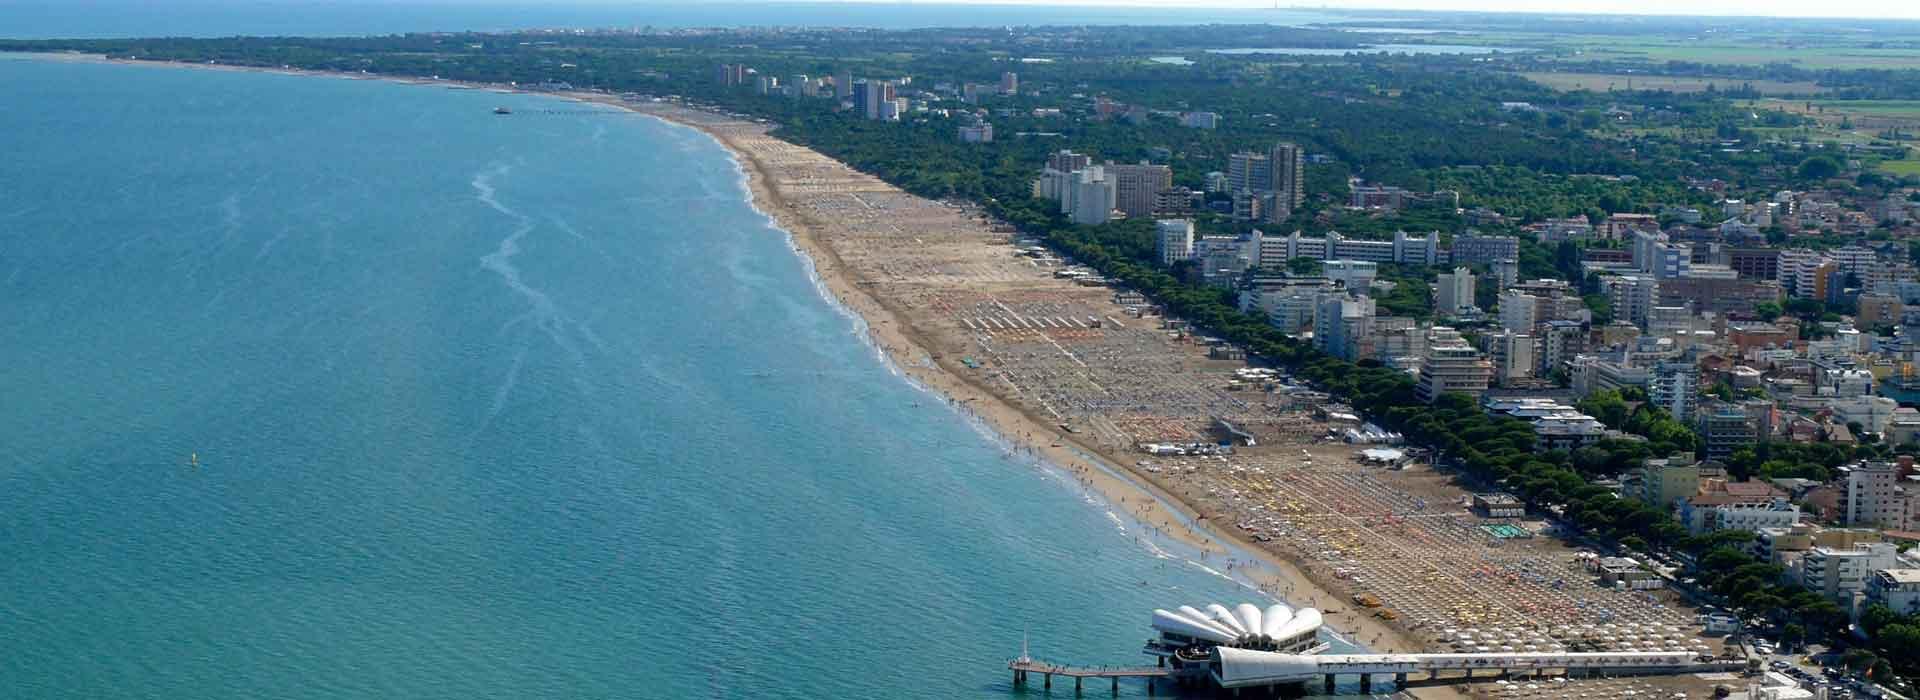 Spiaggia_pano